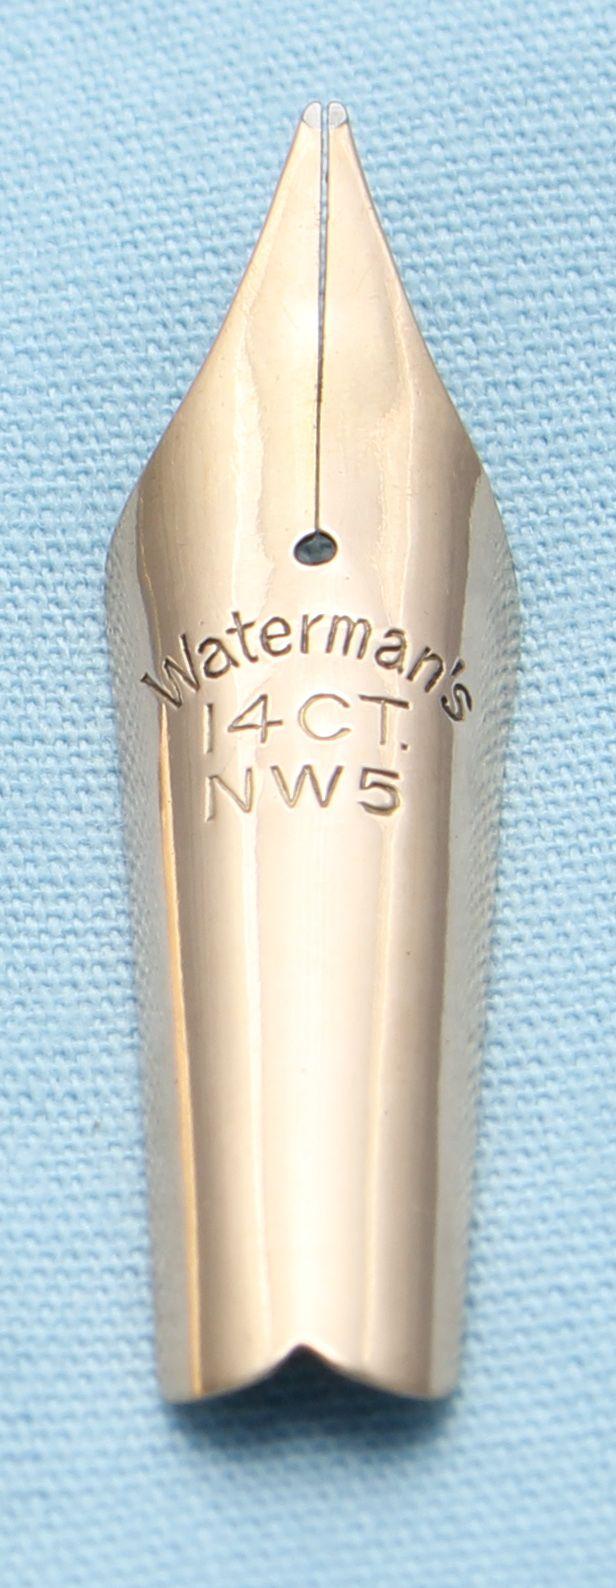 N529  - Waterman W5 Medium Flex Nib